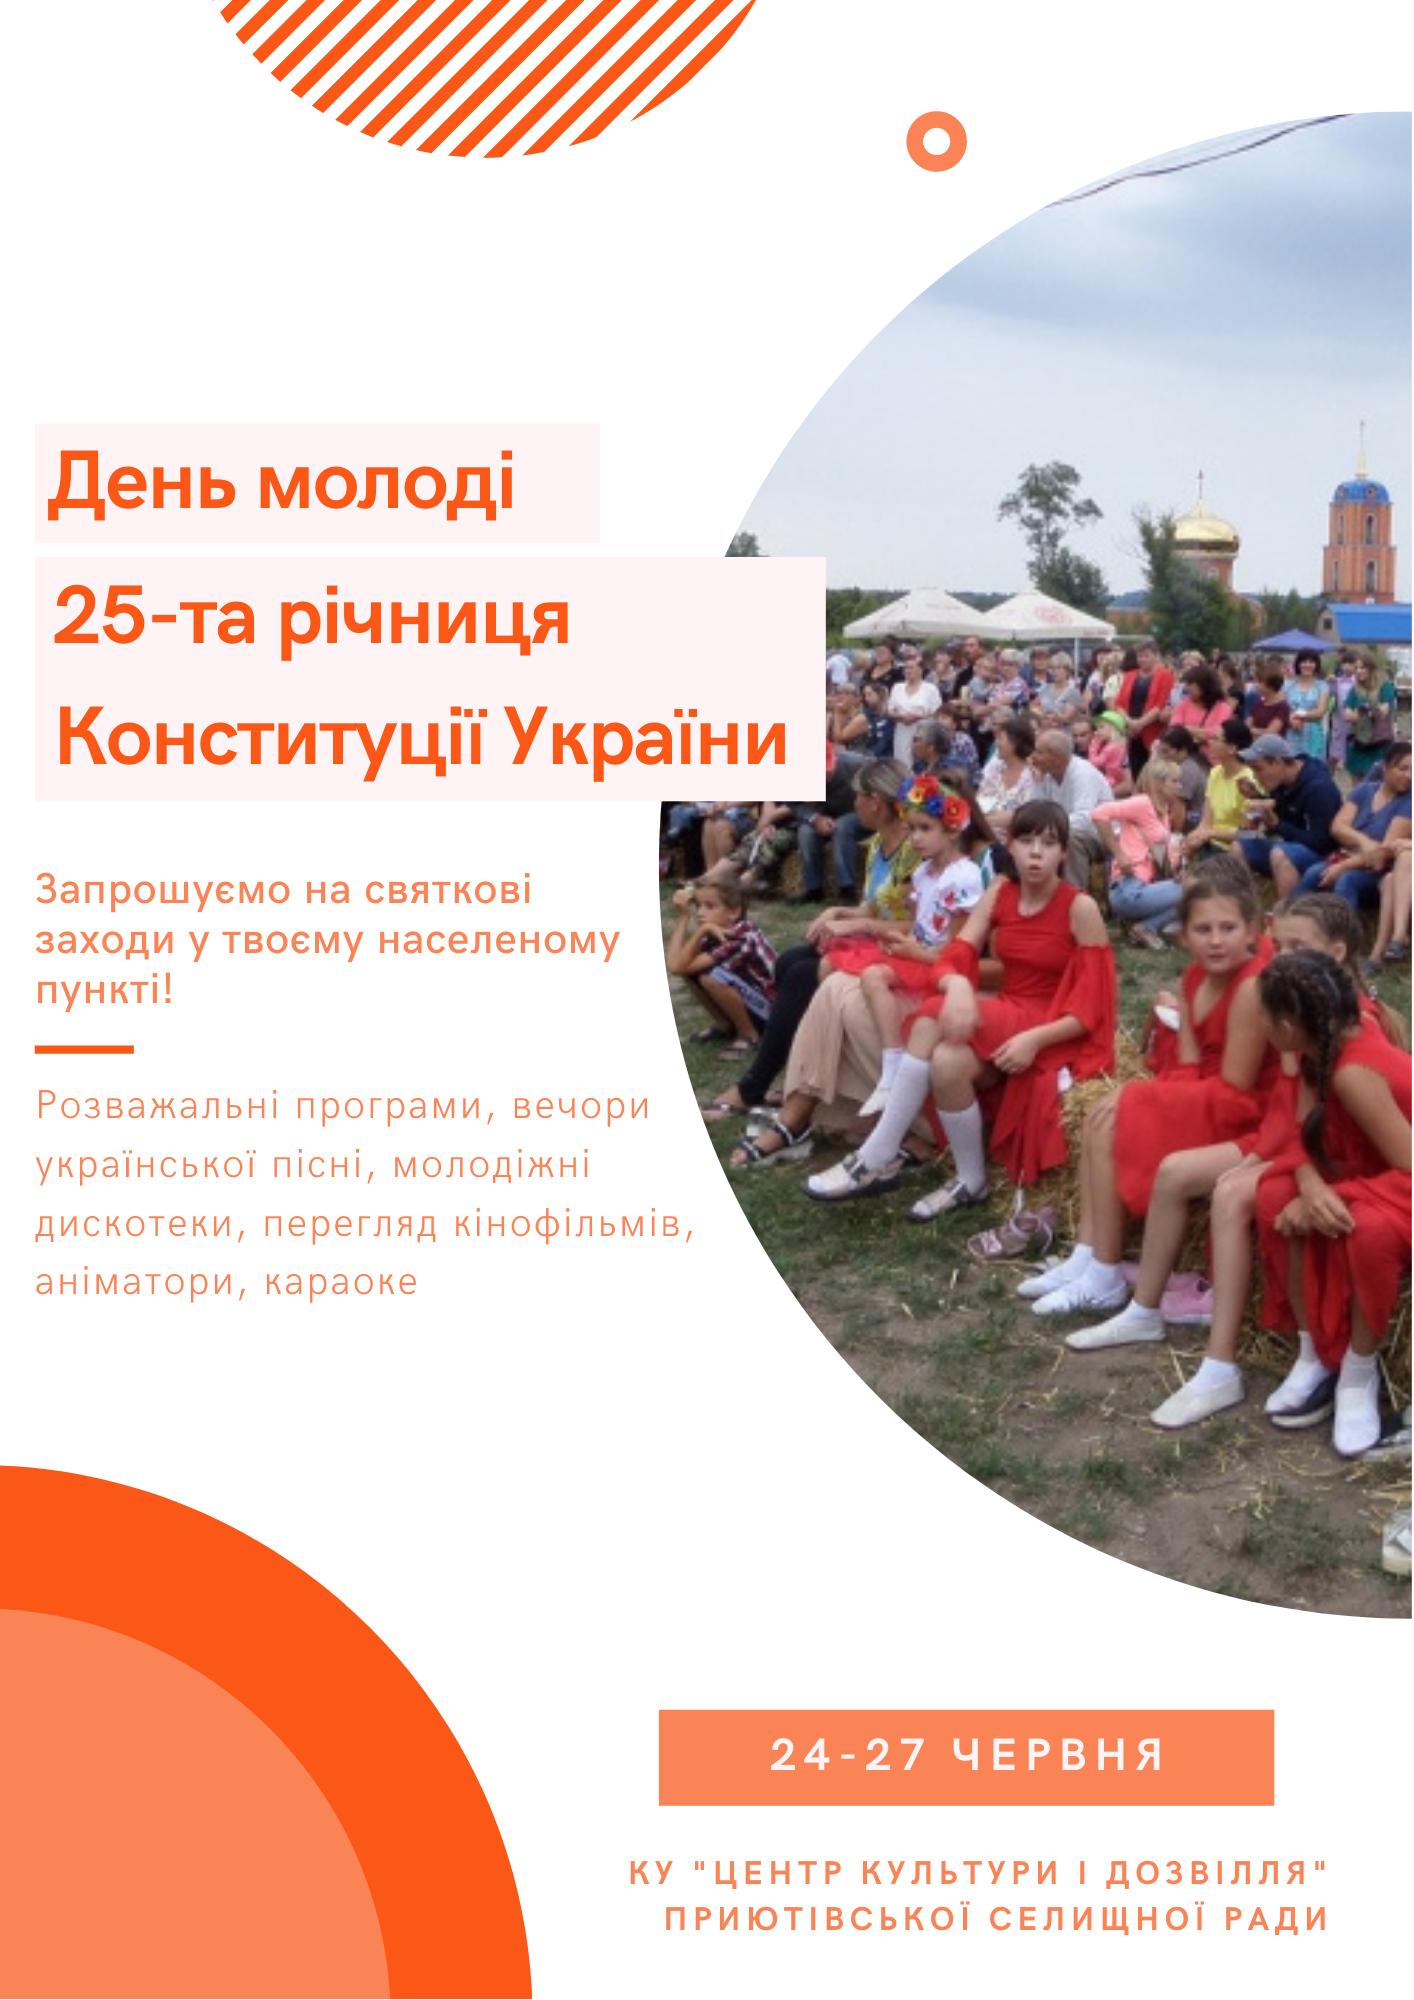 Як святкуватимуть 25-ту річницю Конституції України та День Молоді у Приютівській громаді